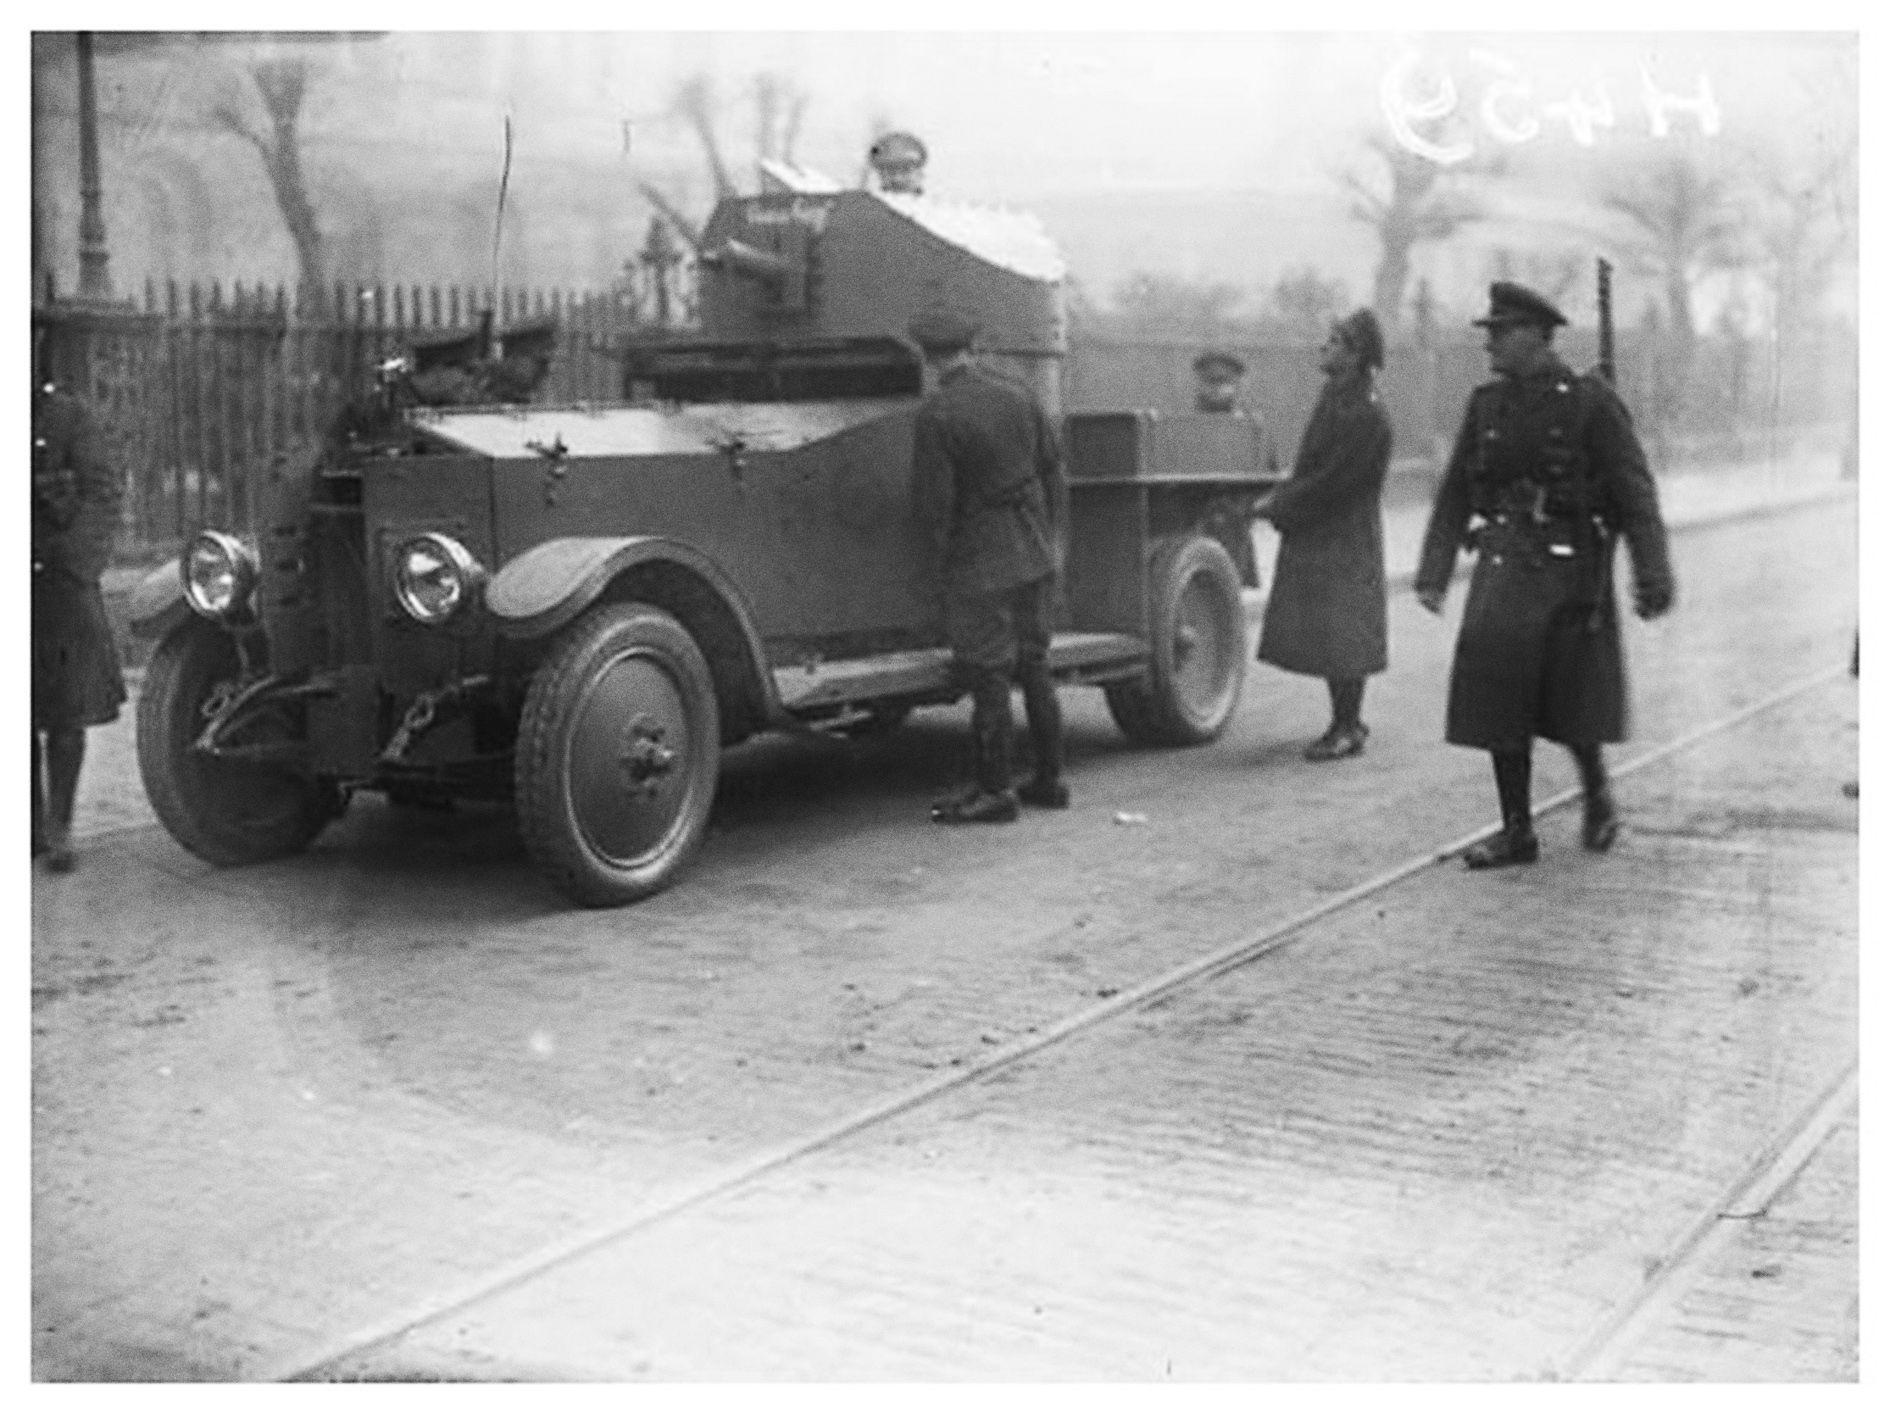 irish armoured vehicles - Google Search | Irish Military History ...